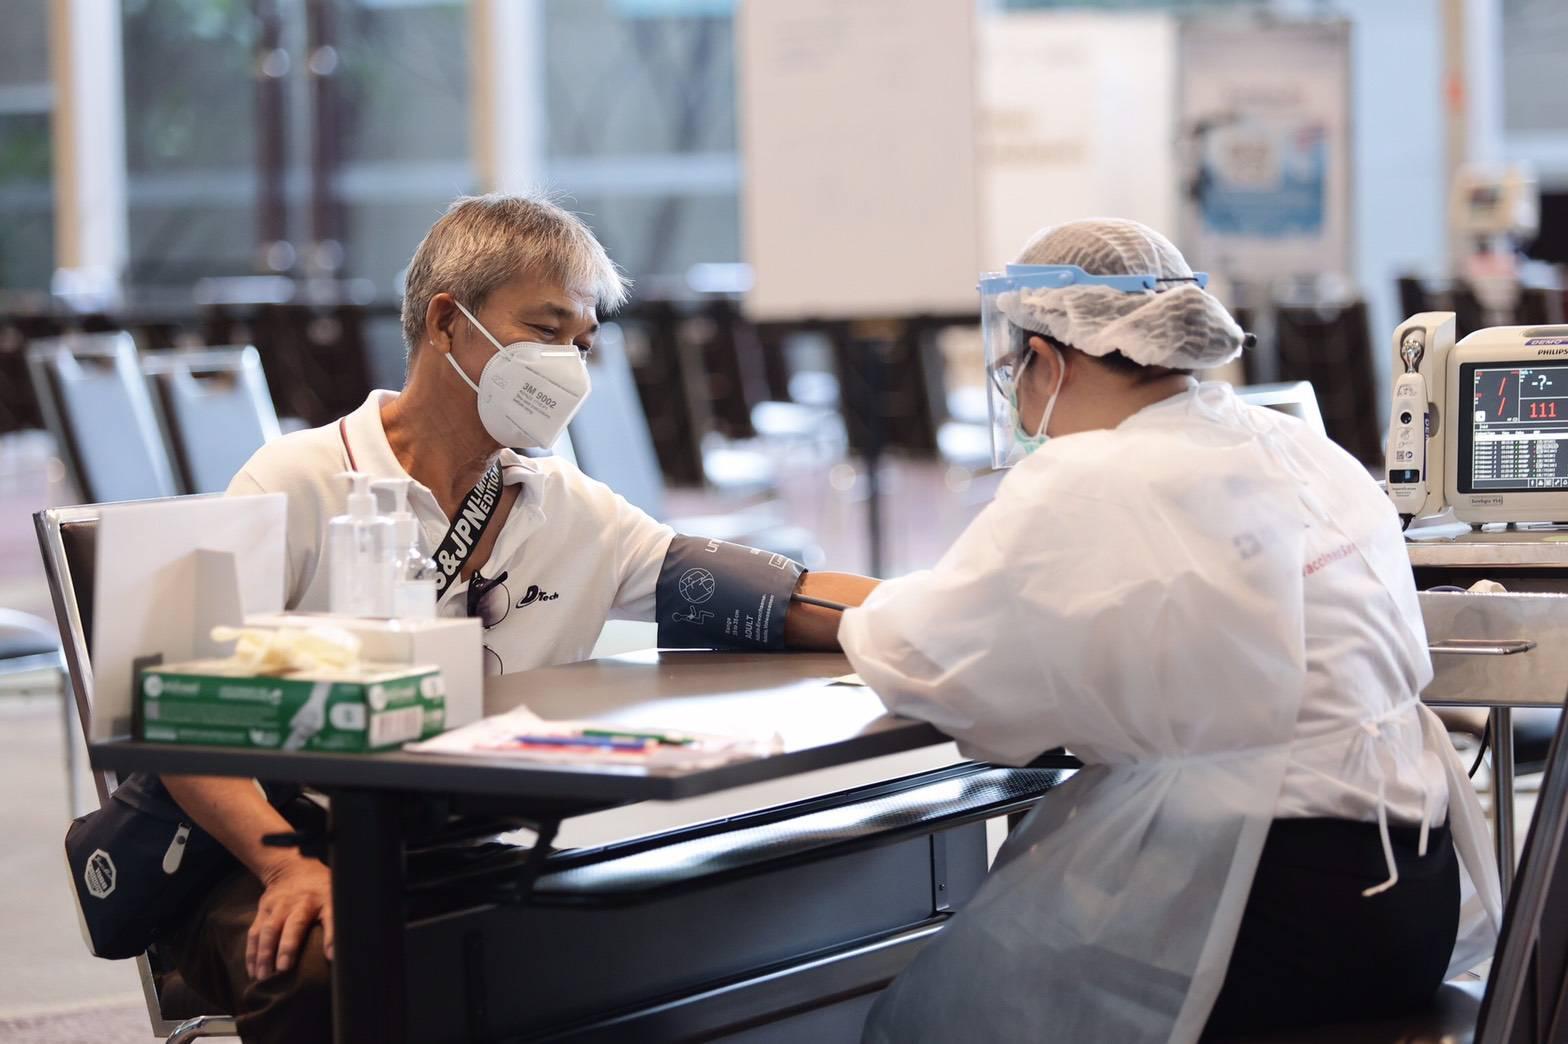 """สยามพารากอน และ ไอคอนสยาม เดินหน้ารองรับการปรับแผนฉีดวัคซีน ตอกย้ำความมั่นใจผู้ใช้บริการ สะดวก สะอาด ปลอดภัย พร้อมชวนคนไทยรวมพลัง """"สยามรวมใจ สู้โควิดไปด้วยกัน"""""""